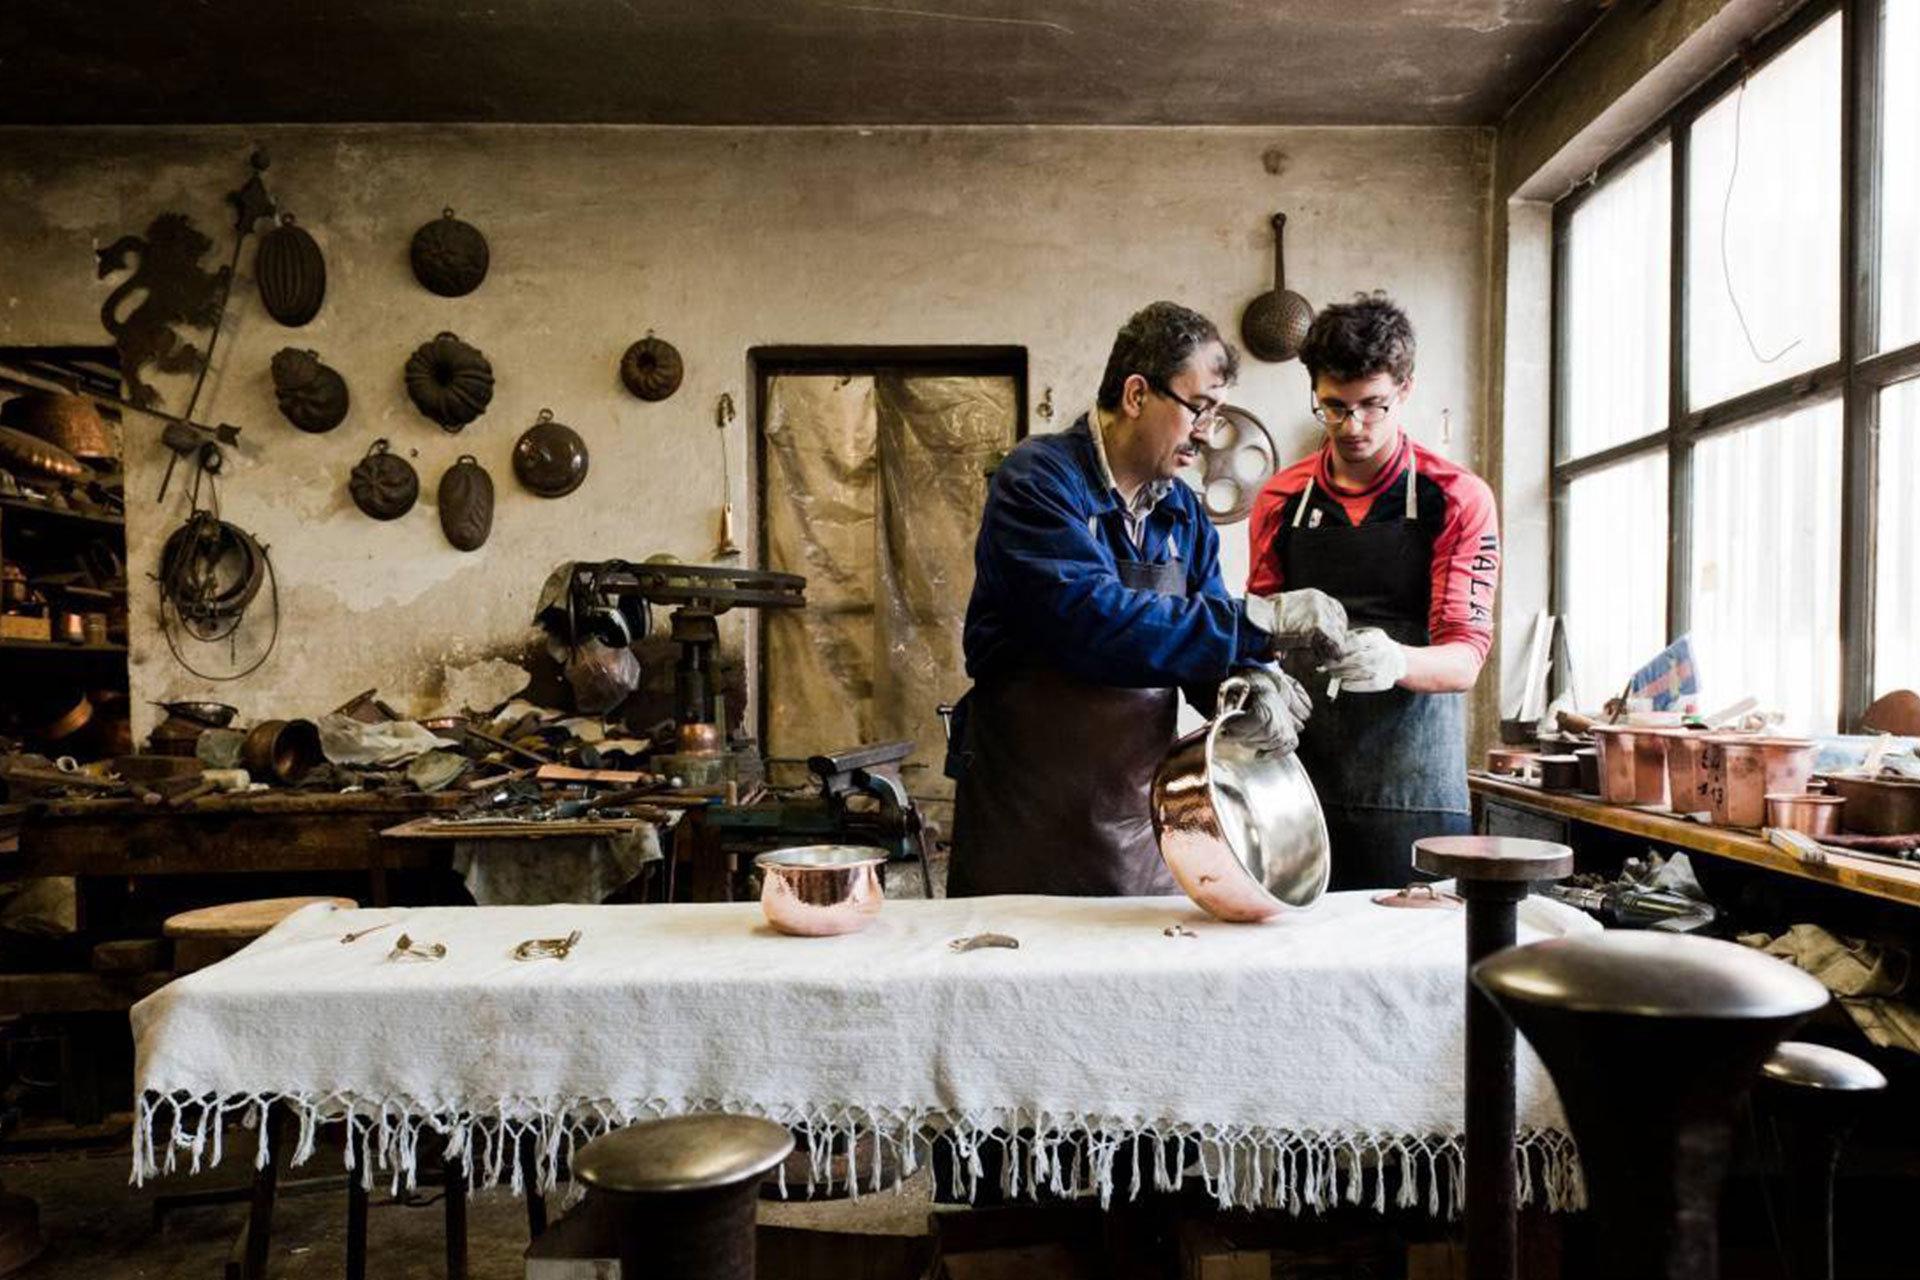 Italian stories nasce marketplace di turismo nell 39 artigianato for Artigianato italia